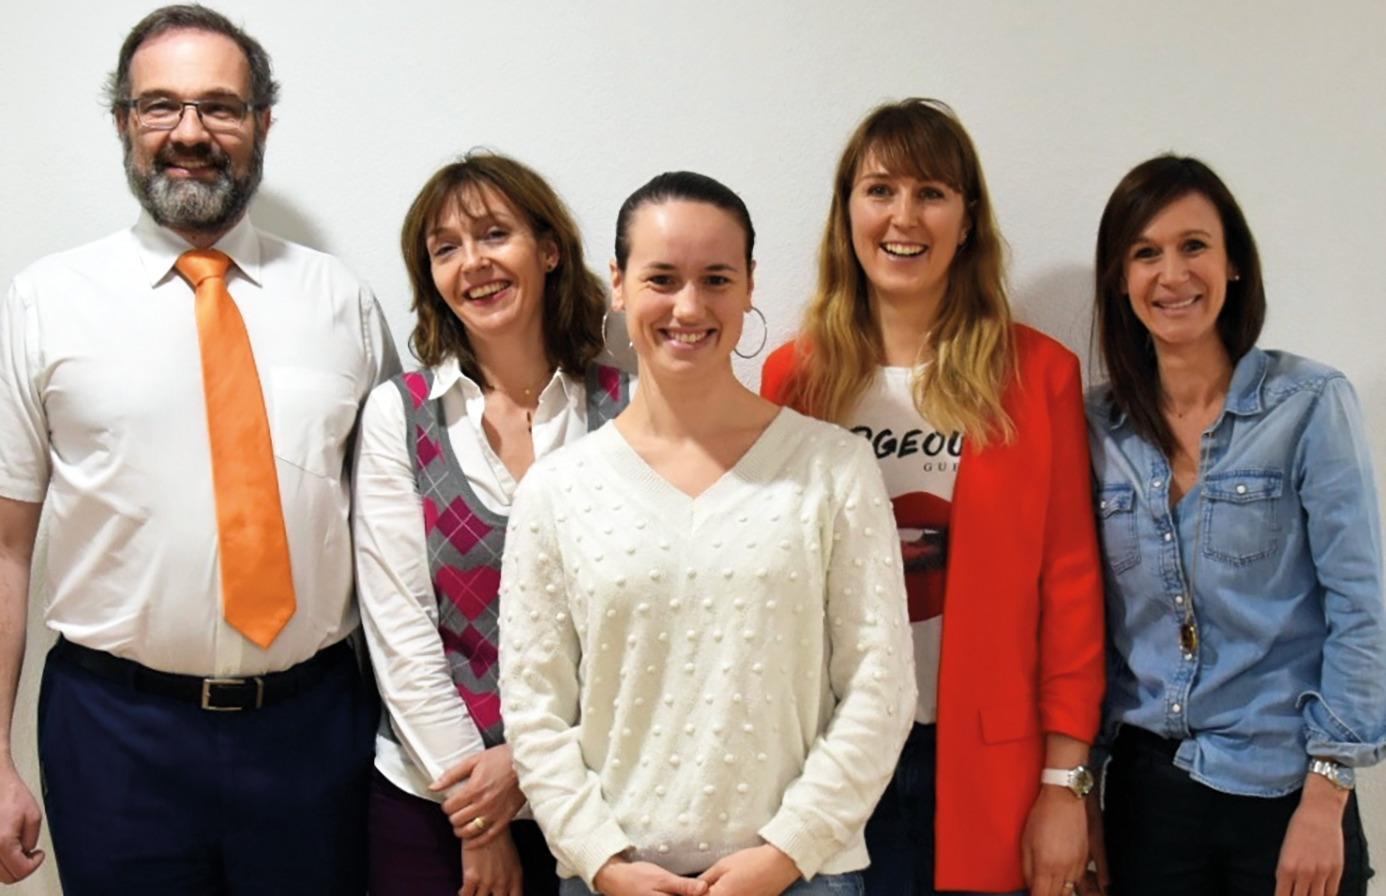 L'équipe DeltaFit de la Maison Santé Chablais: de gauche à droite: Dr Nicolas Kirchner, Béatrice Kurmann (infirmière), Emilie Seleiro (coach sportive), Mélanie Berrut et Stéphanie Oreiller (diététiciennes)